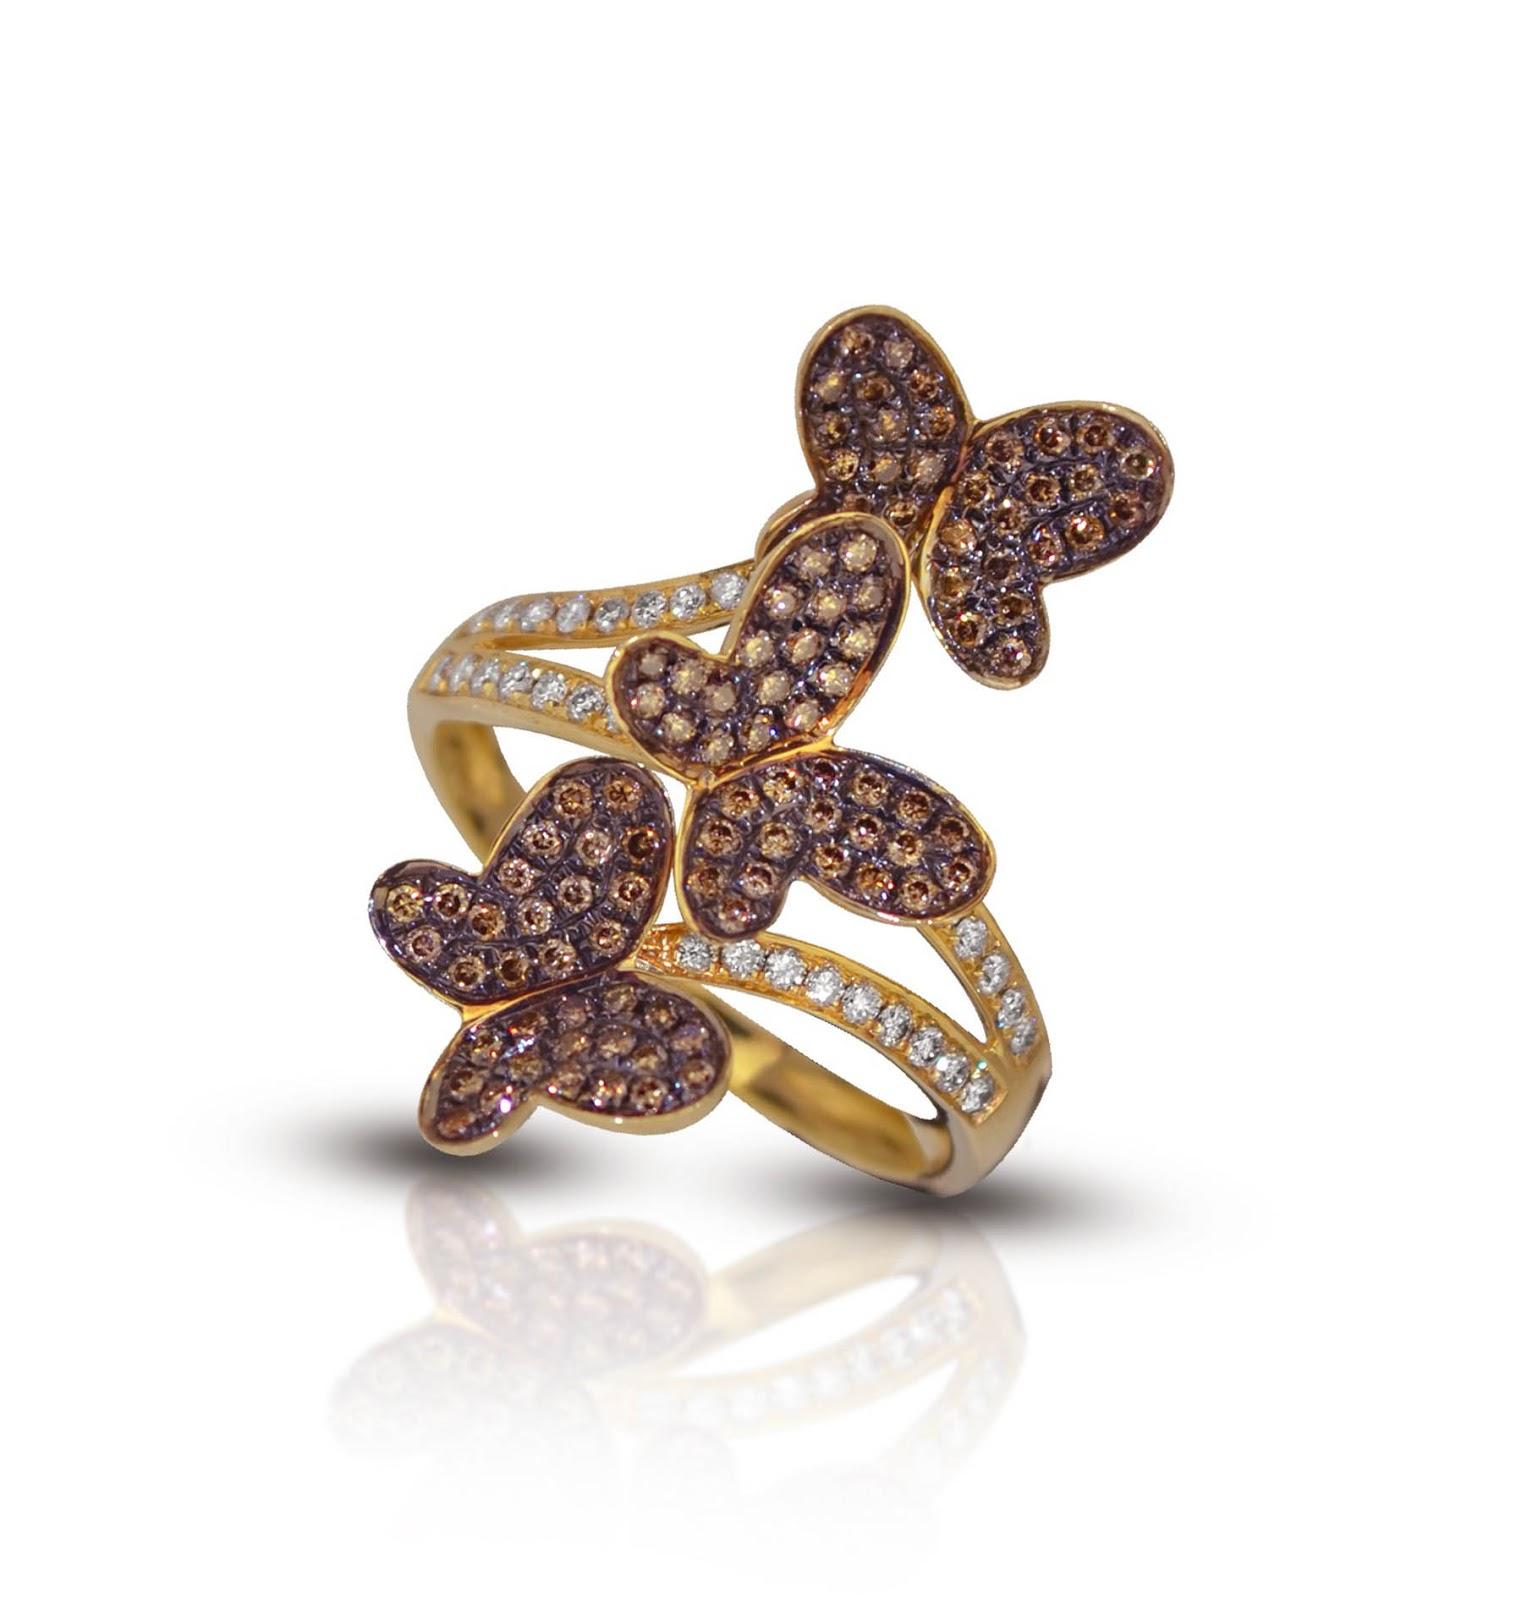 Chocolate Diamonds Tips When Buying Chocolate Diamond Jewelry